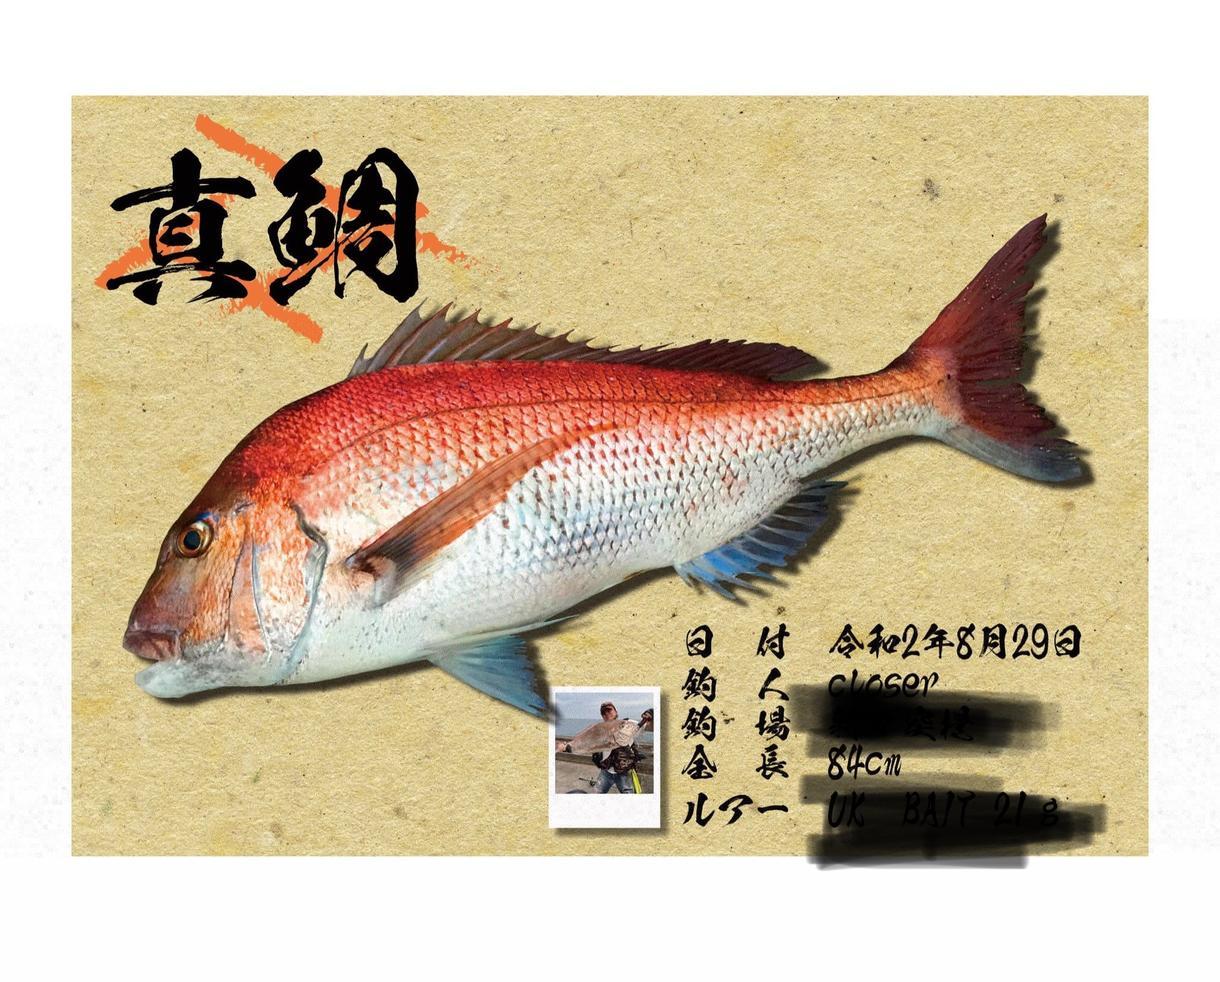 デジタル魚拓作成します 思い出に残る最高の魚を、魚拓として形に残します! イメージ1